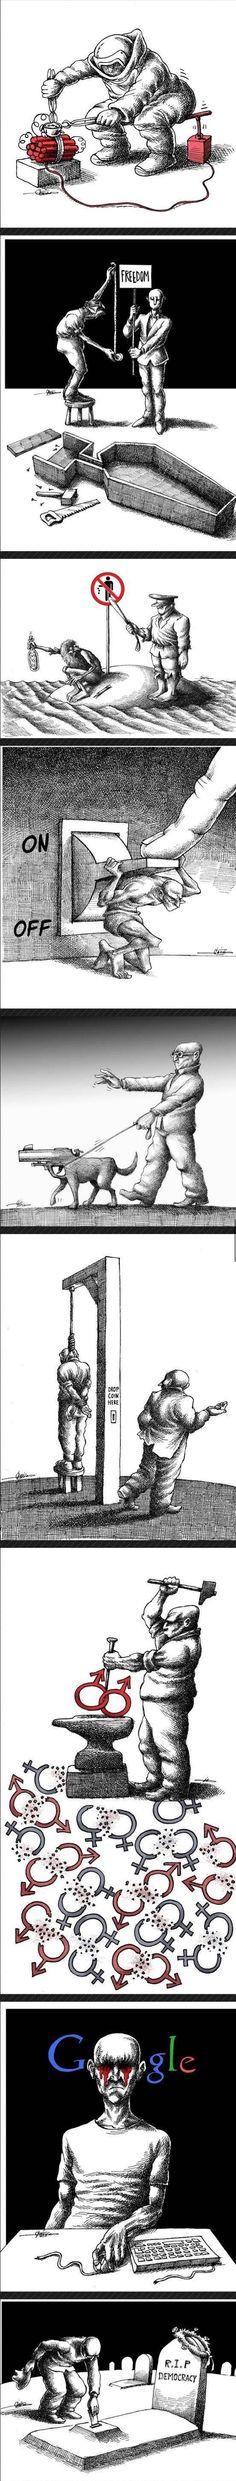 Mana Neyestanis art